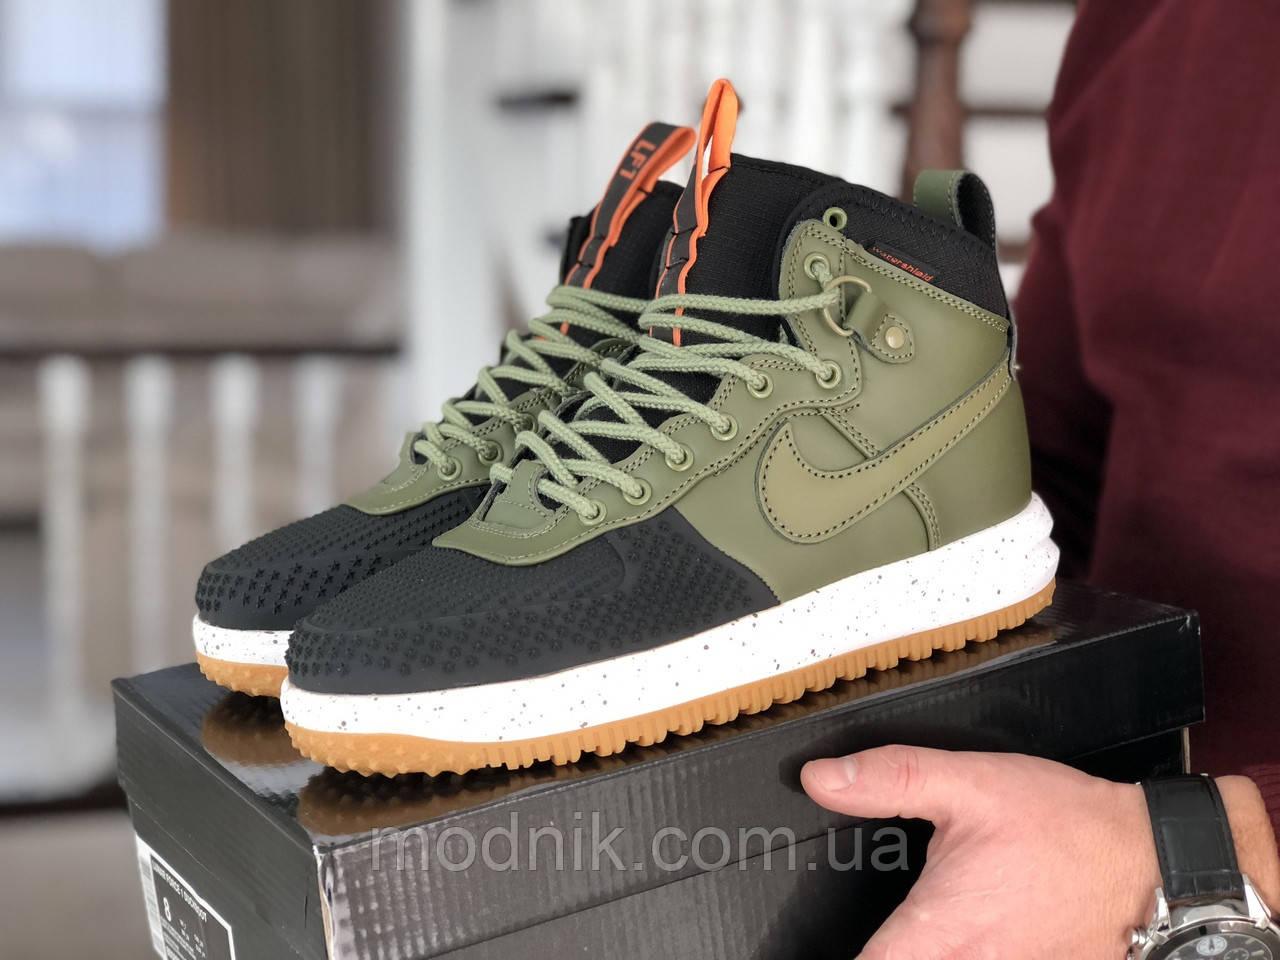 Мужские кроссовки Nike Lunar Force 1 Duckboot (темно-зеленые с черным)